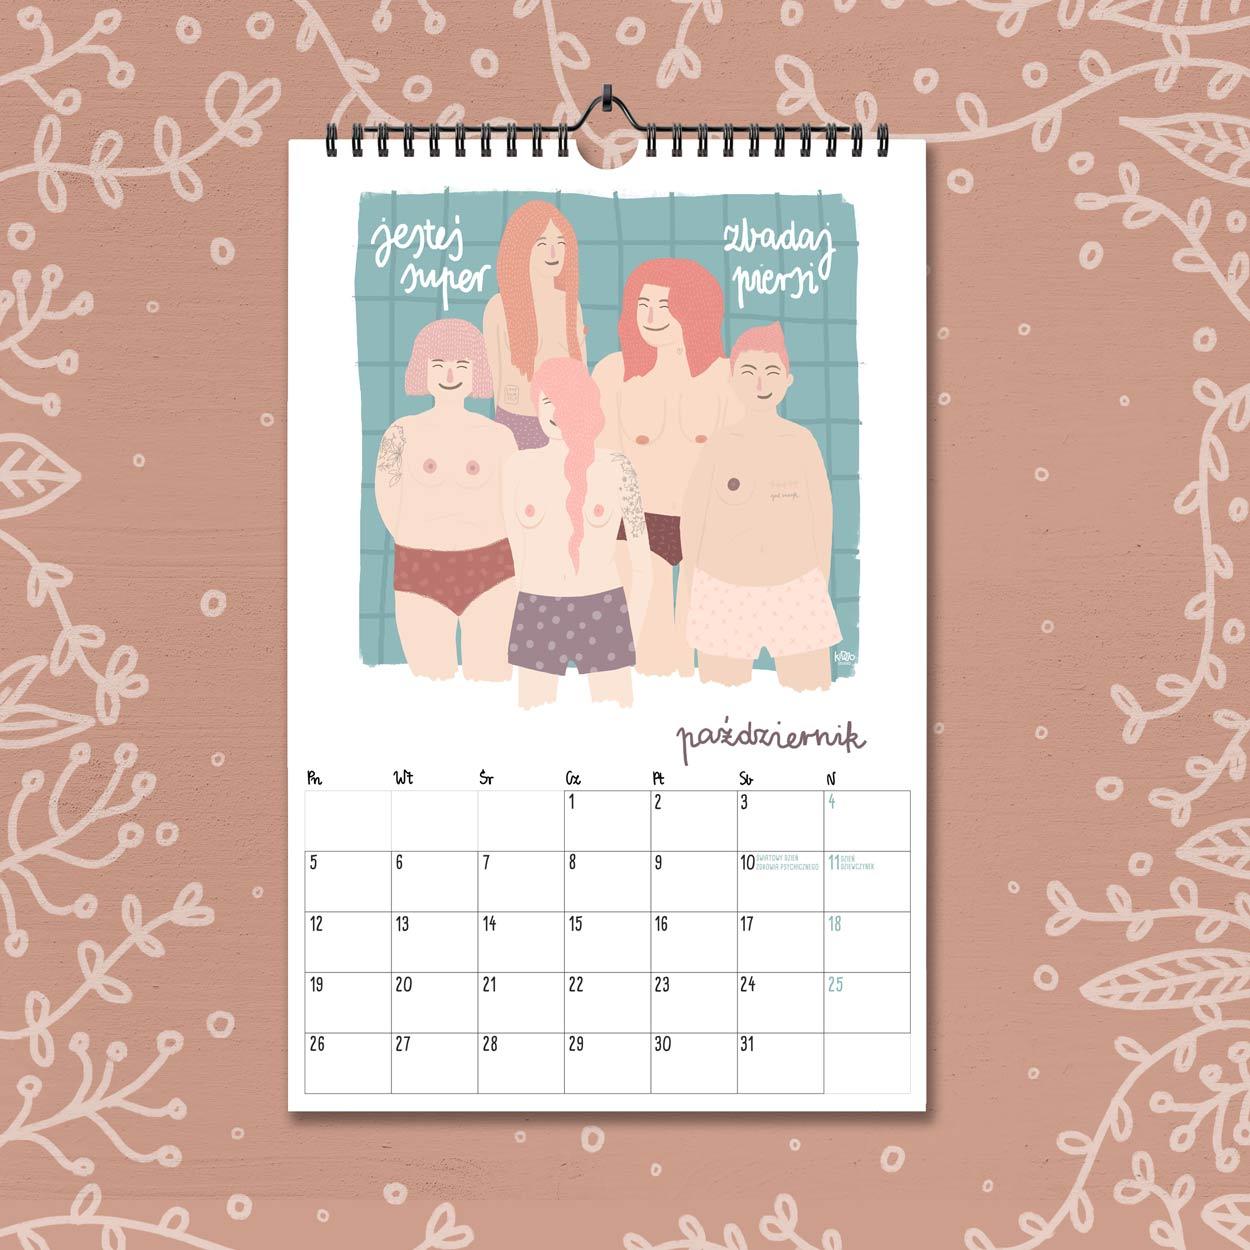 kalendarz 2020 pazdziernik